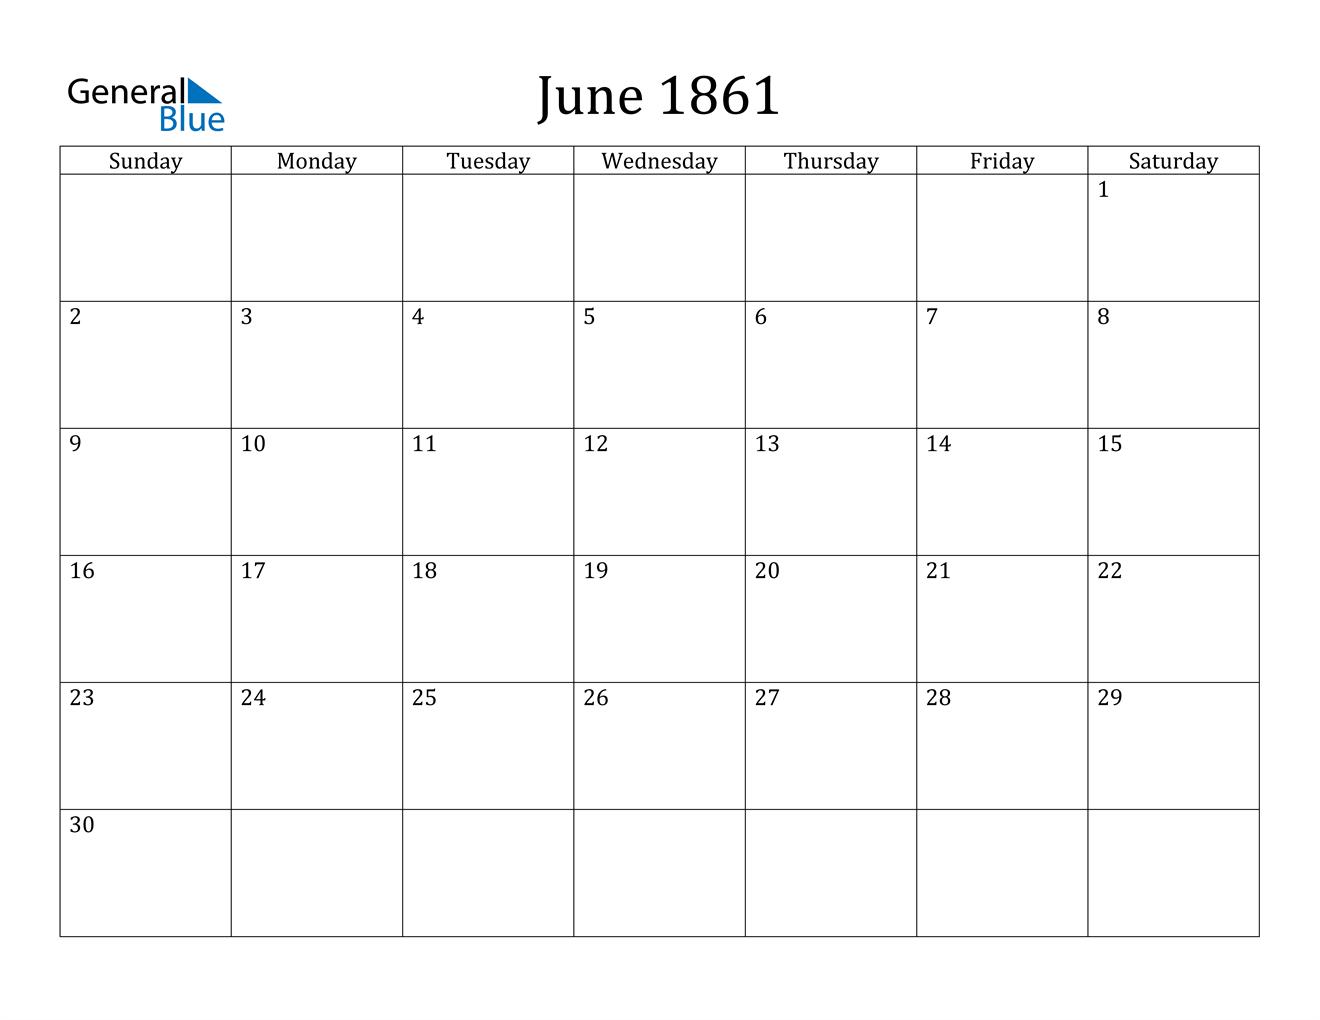 Image of June 1861 Calendar